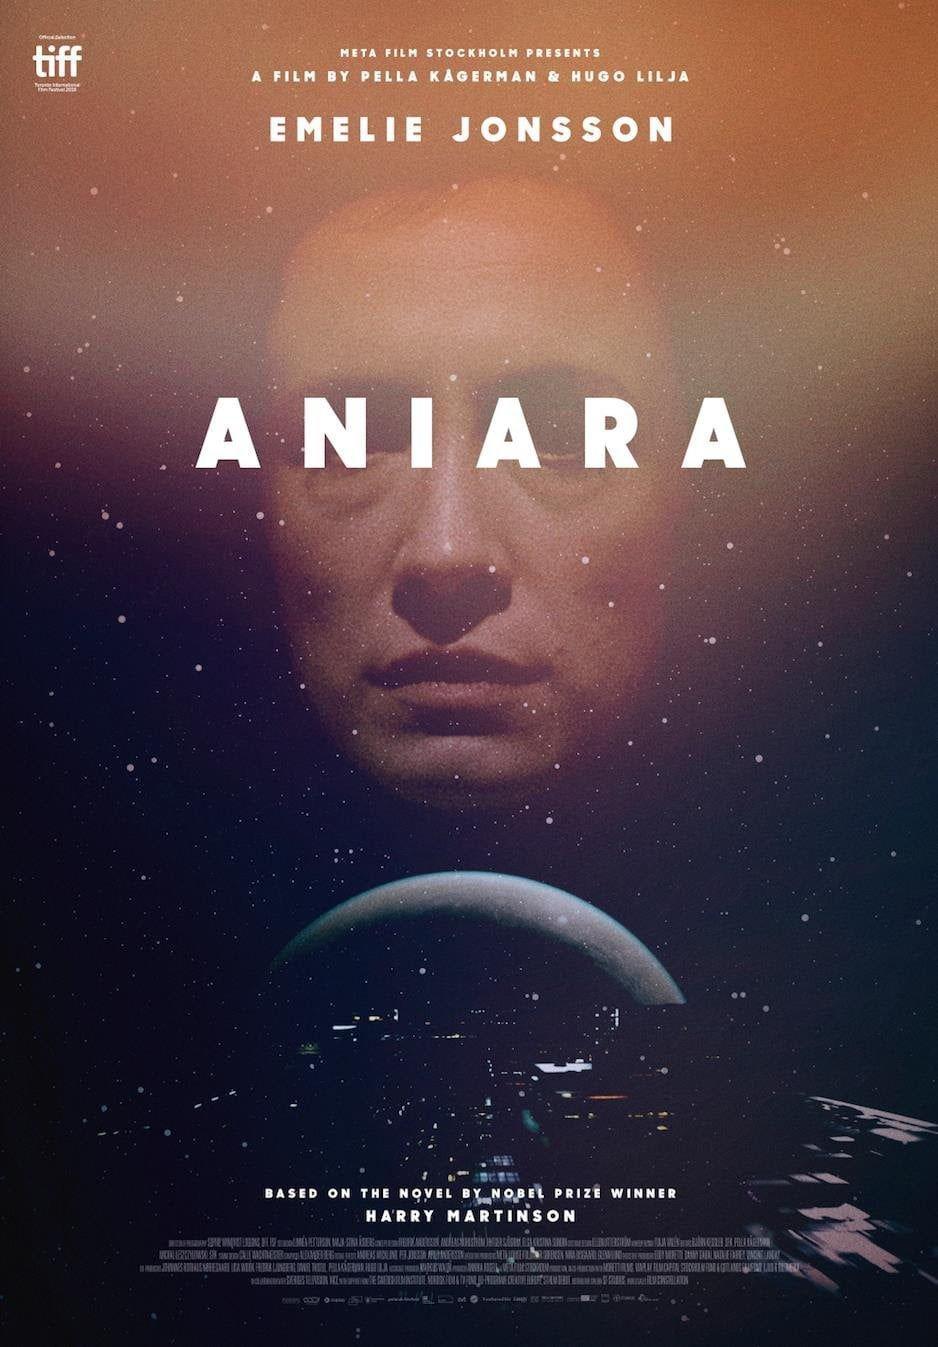 Aniara - Pella Kågerman & Hugo Lilja